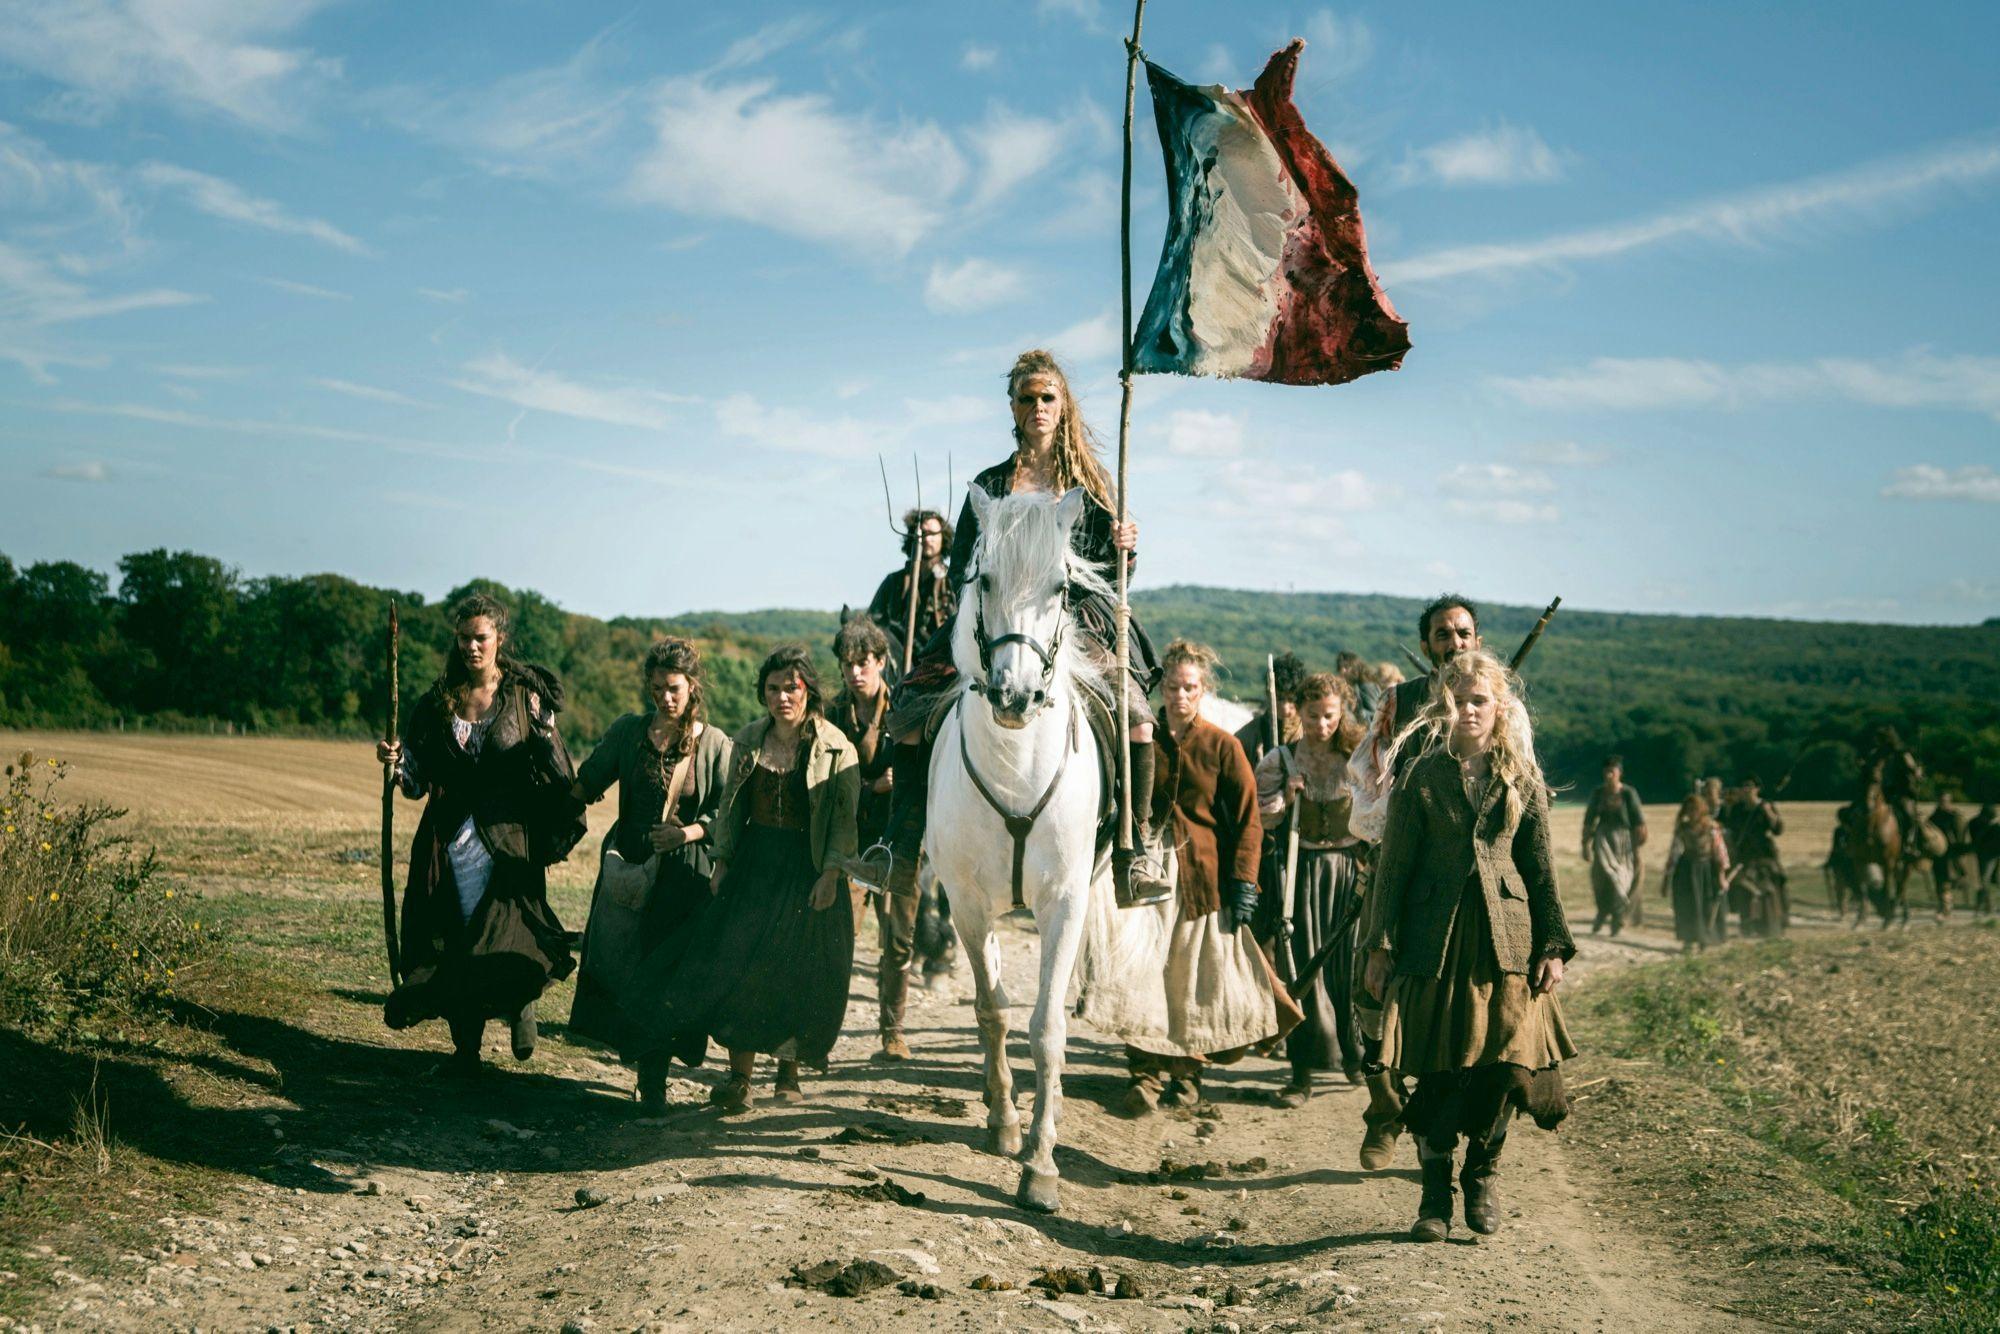 Rewolucja - zwiastun serialu Netflixa. Rewolucja francuska w nowym wydaniu